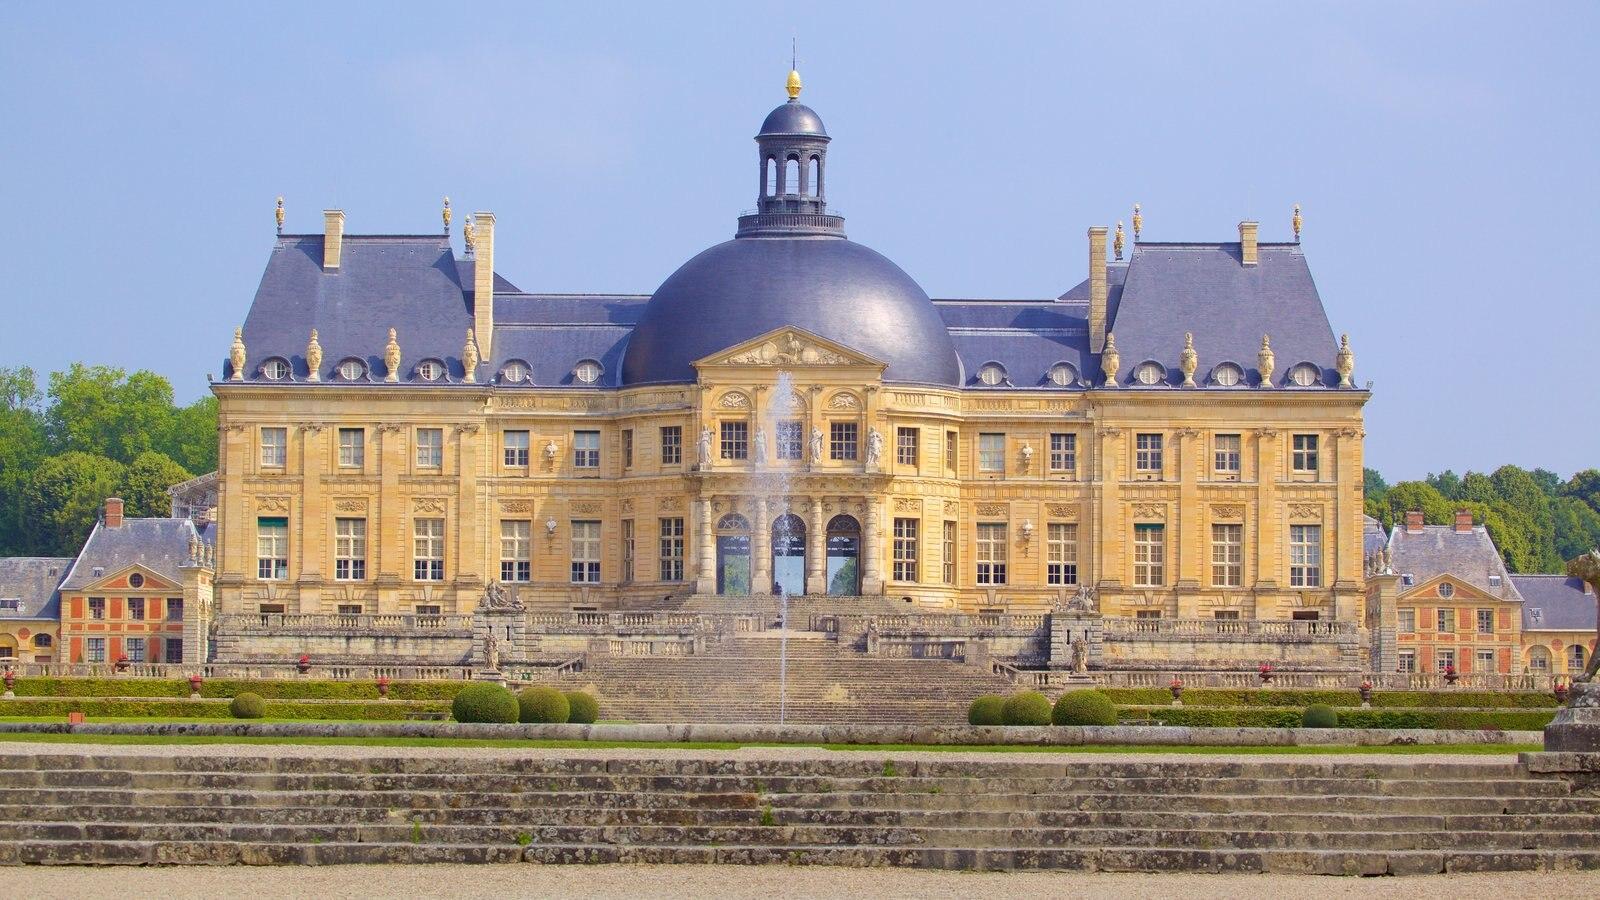 Melun que inclui arquitetura de patrimônio, elementos de patrimônio e um castelo